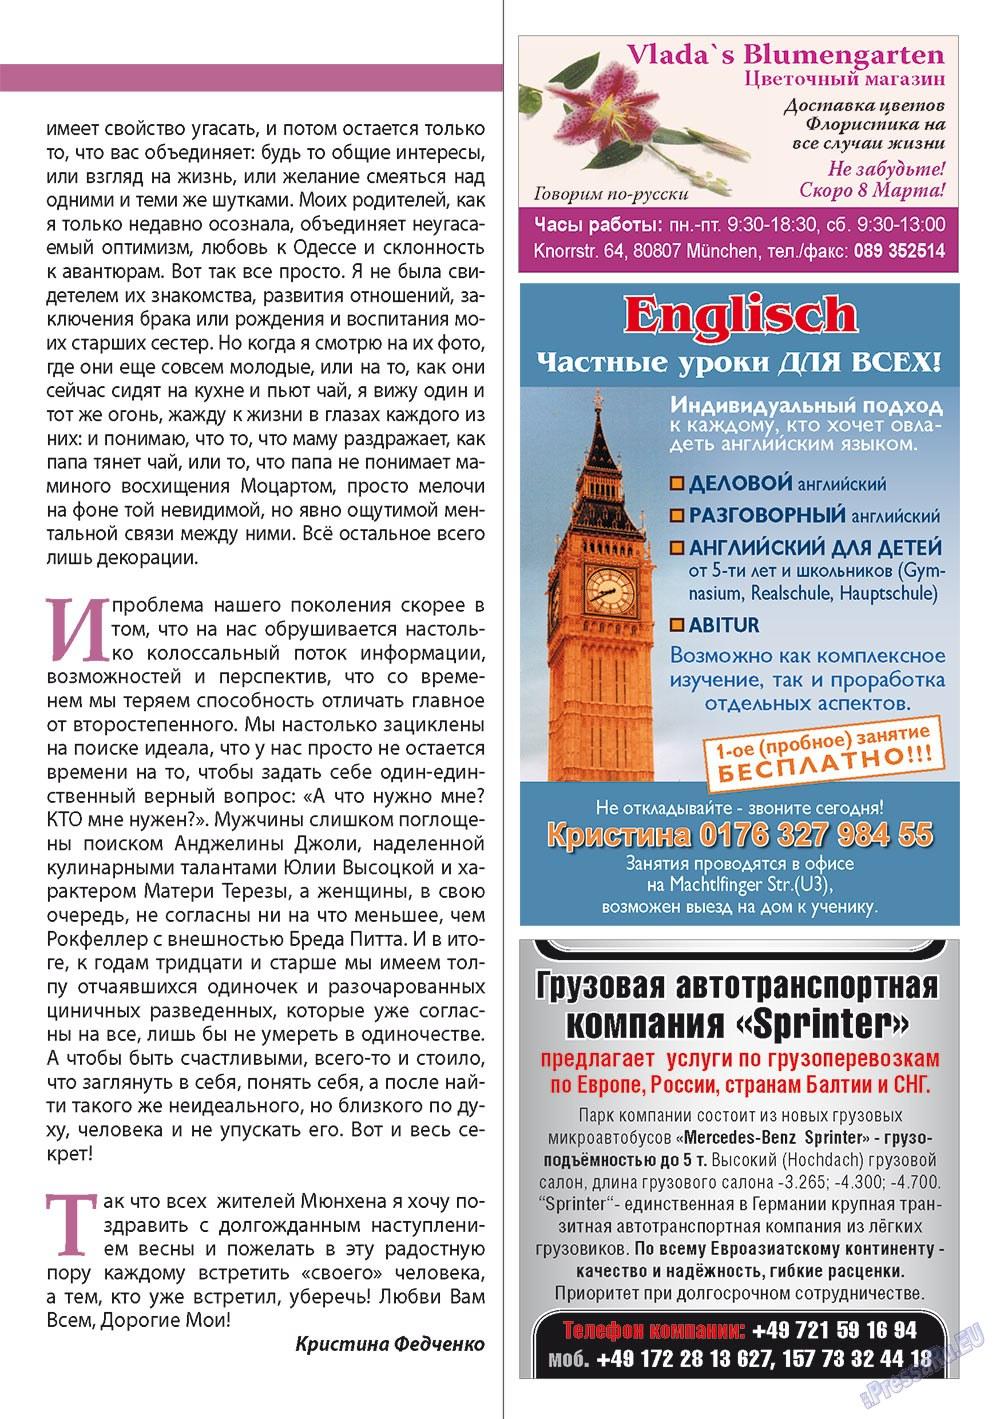 Апельсин (журнал). 2012 год, номер 32, стр. 45